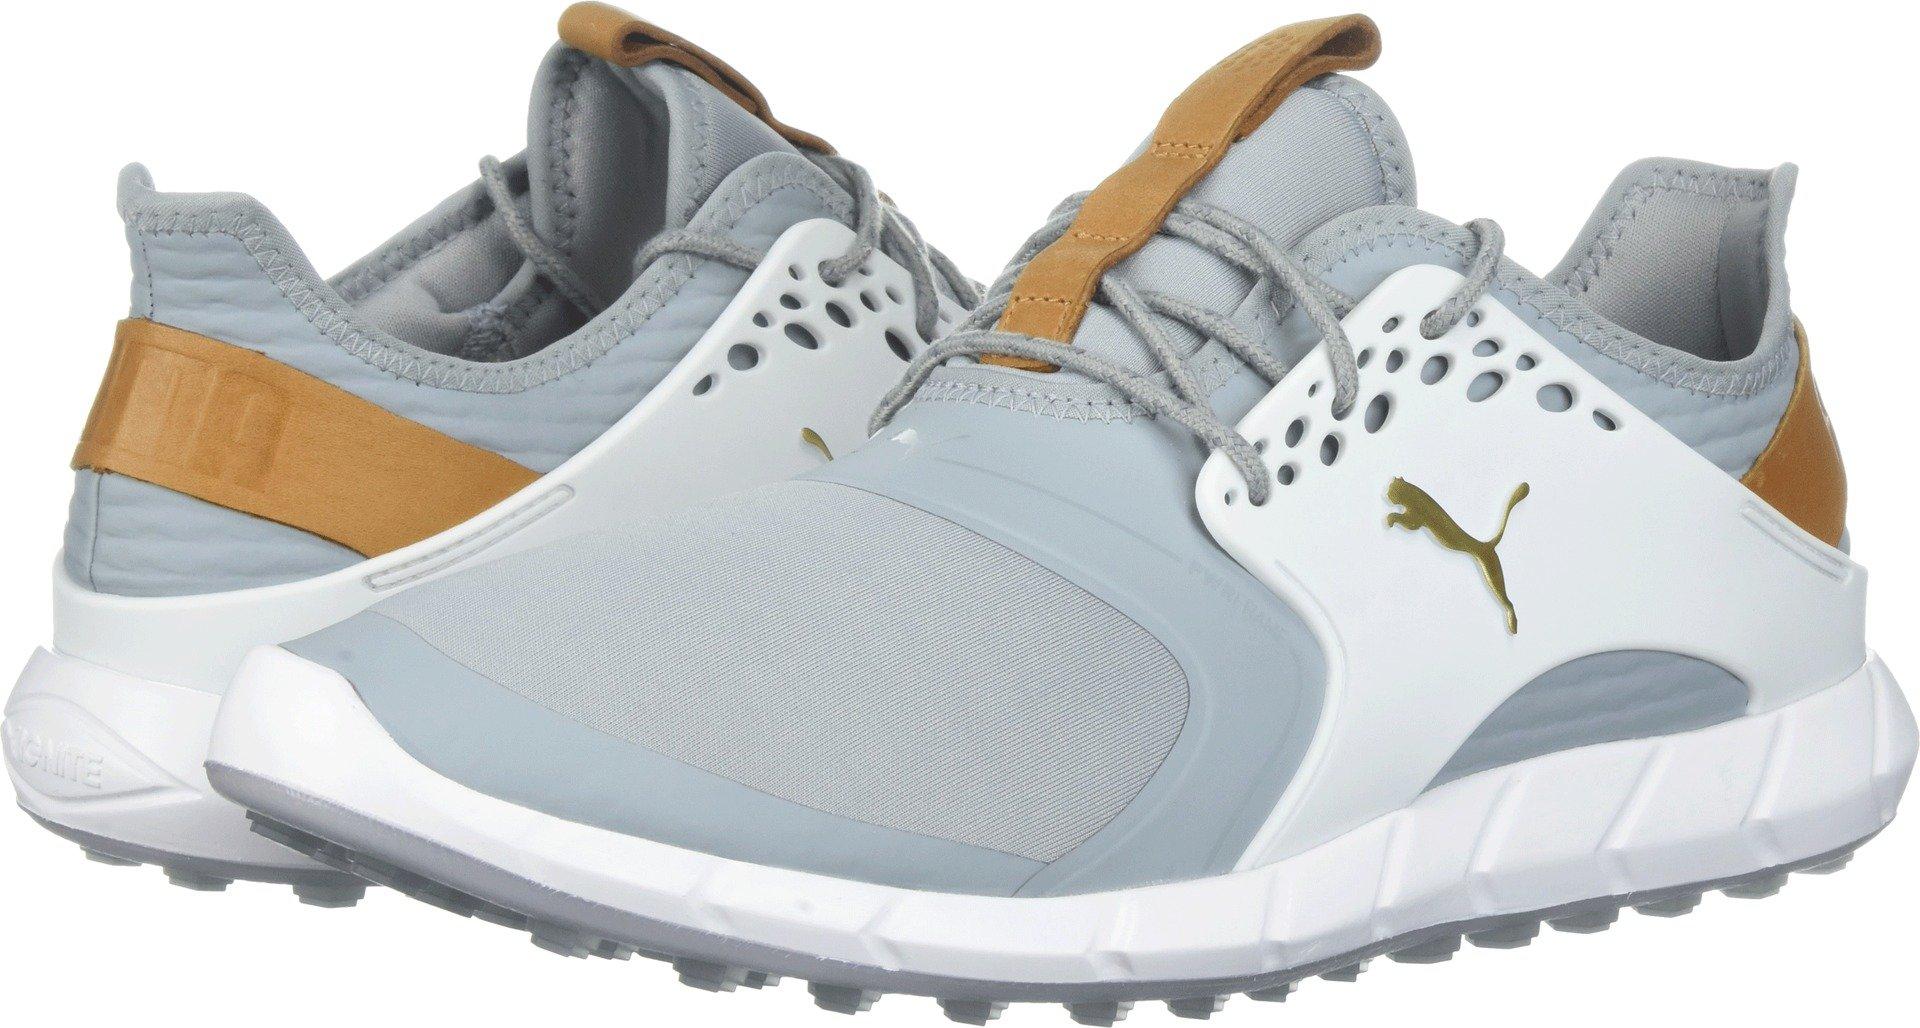 92c6fa6a3bd Galleon - Puma Golf Men s Ignite Pwrsport Golf Shoe